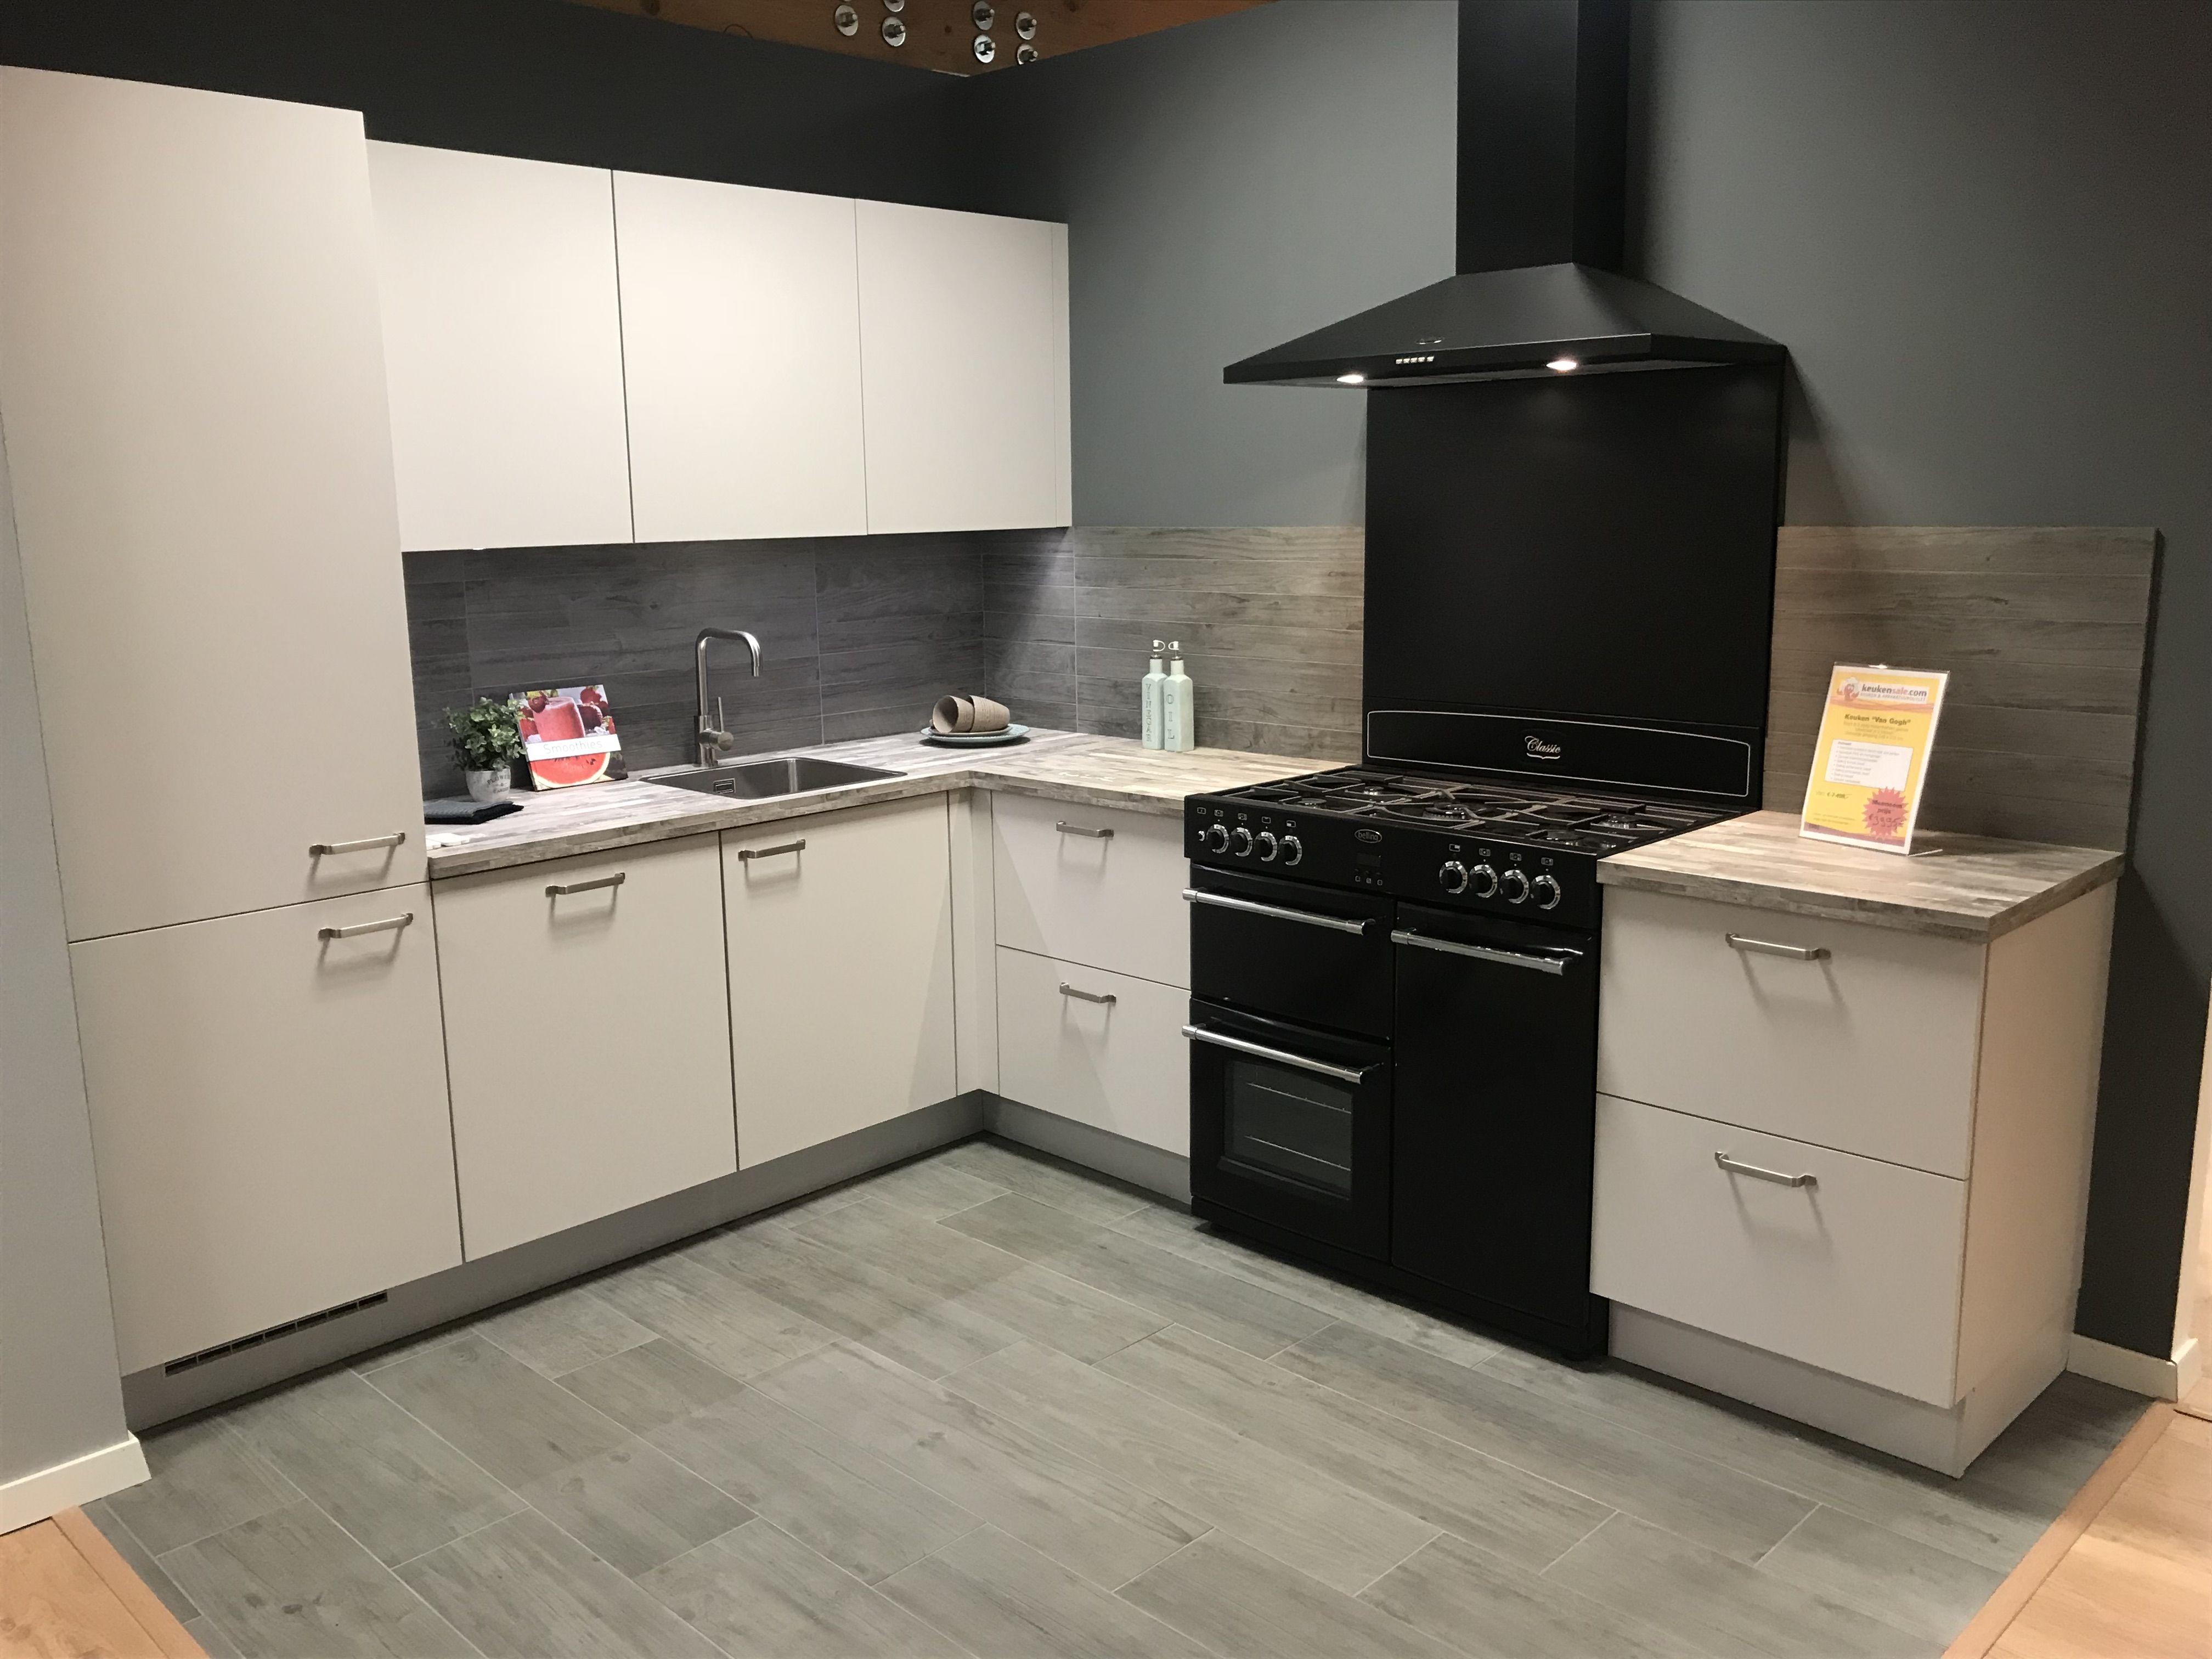 Zwart Keuken Fornuis : Goedkope hoekkeuken met losstaand zwart fornuis cm goedkope